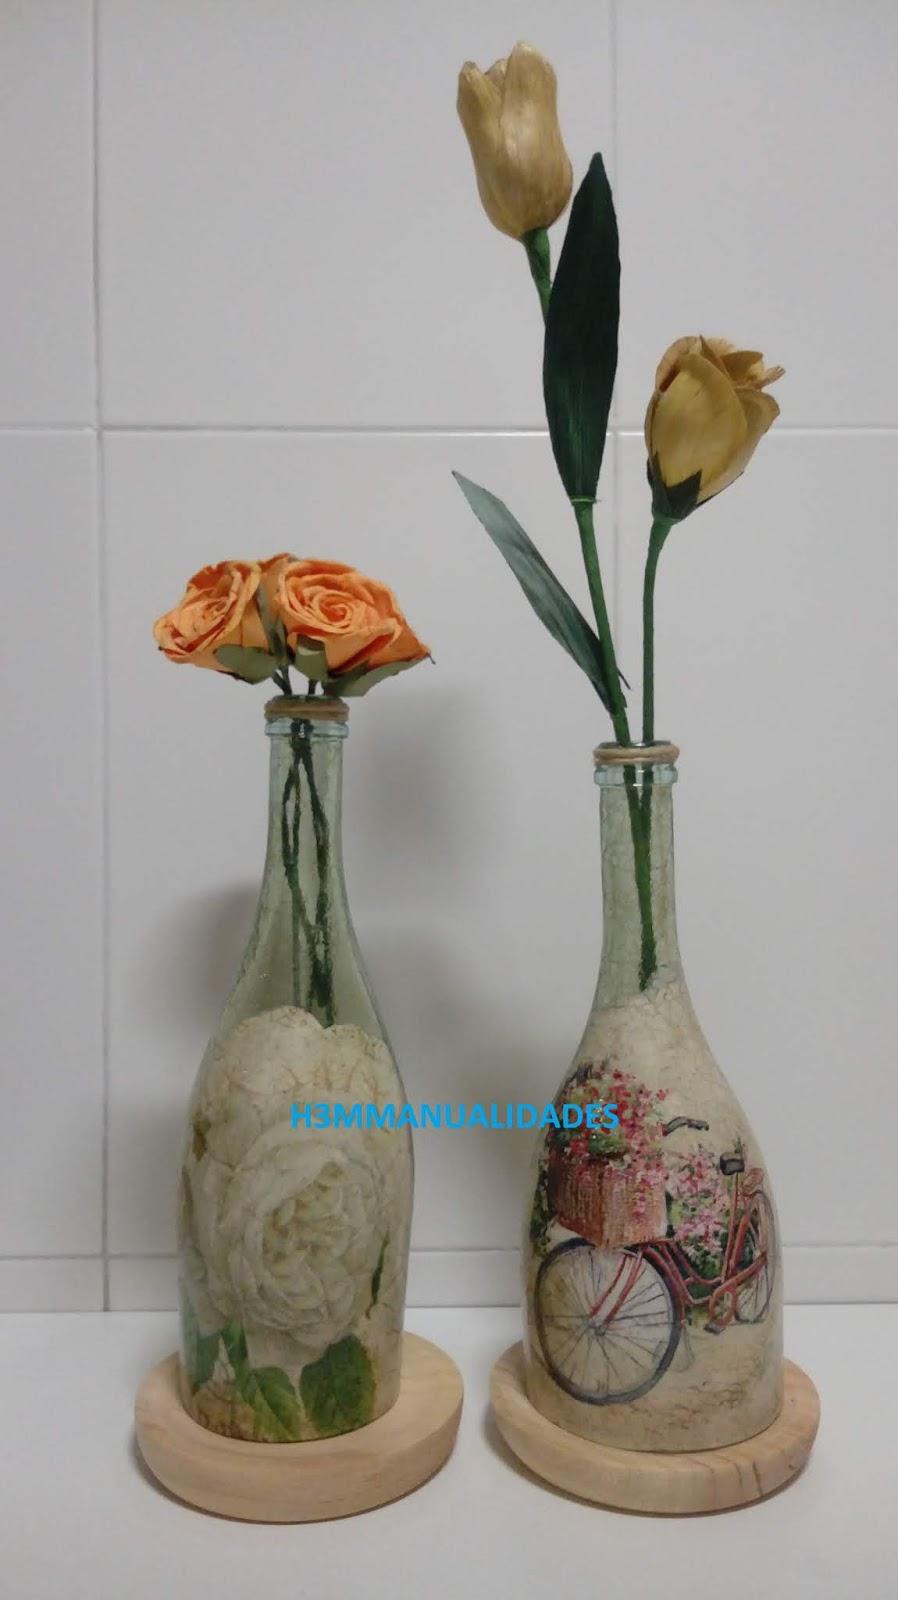 H3m Manualidades Botellas De Cristal Cortadas Y Decoradas